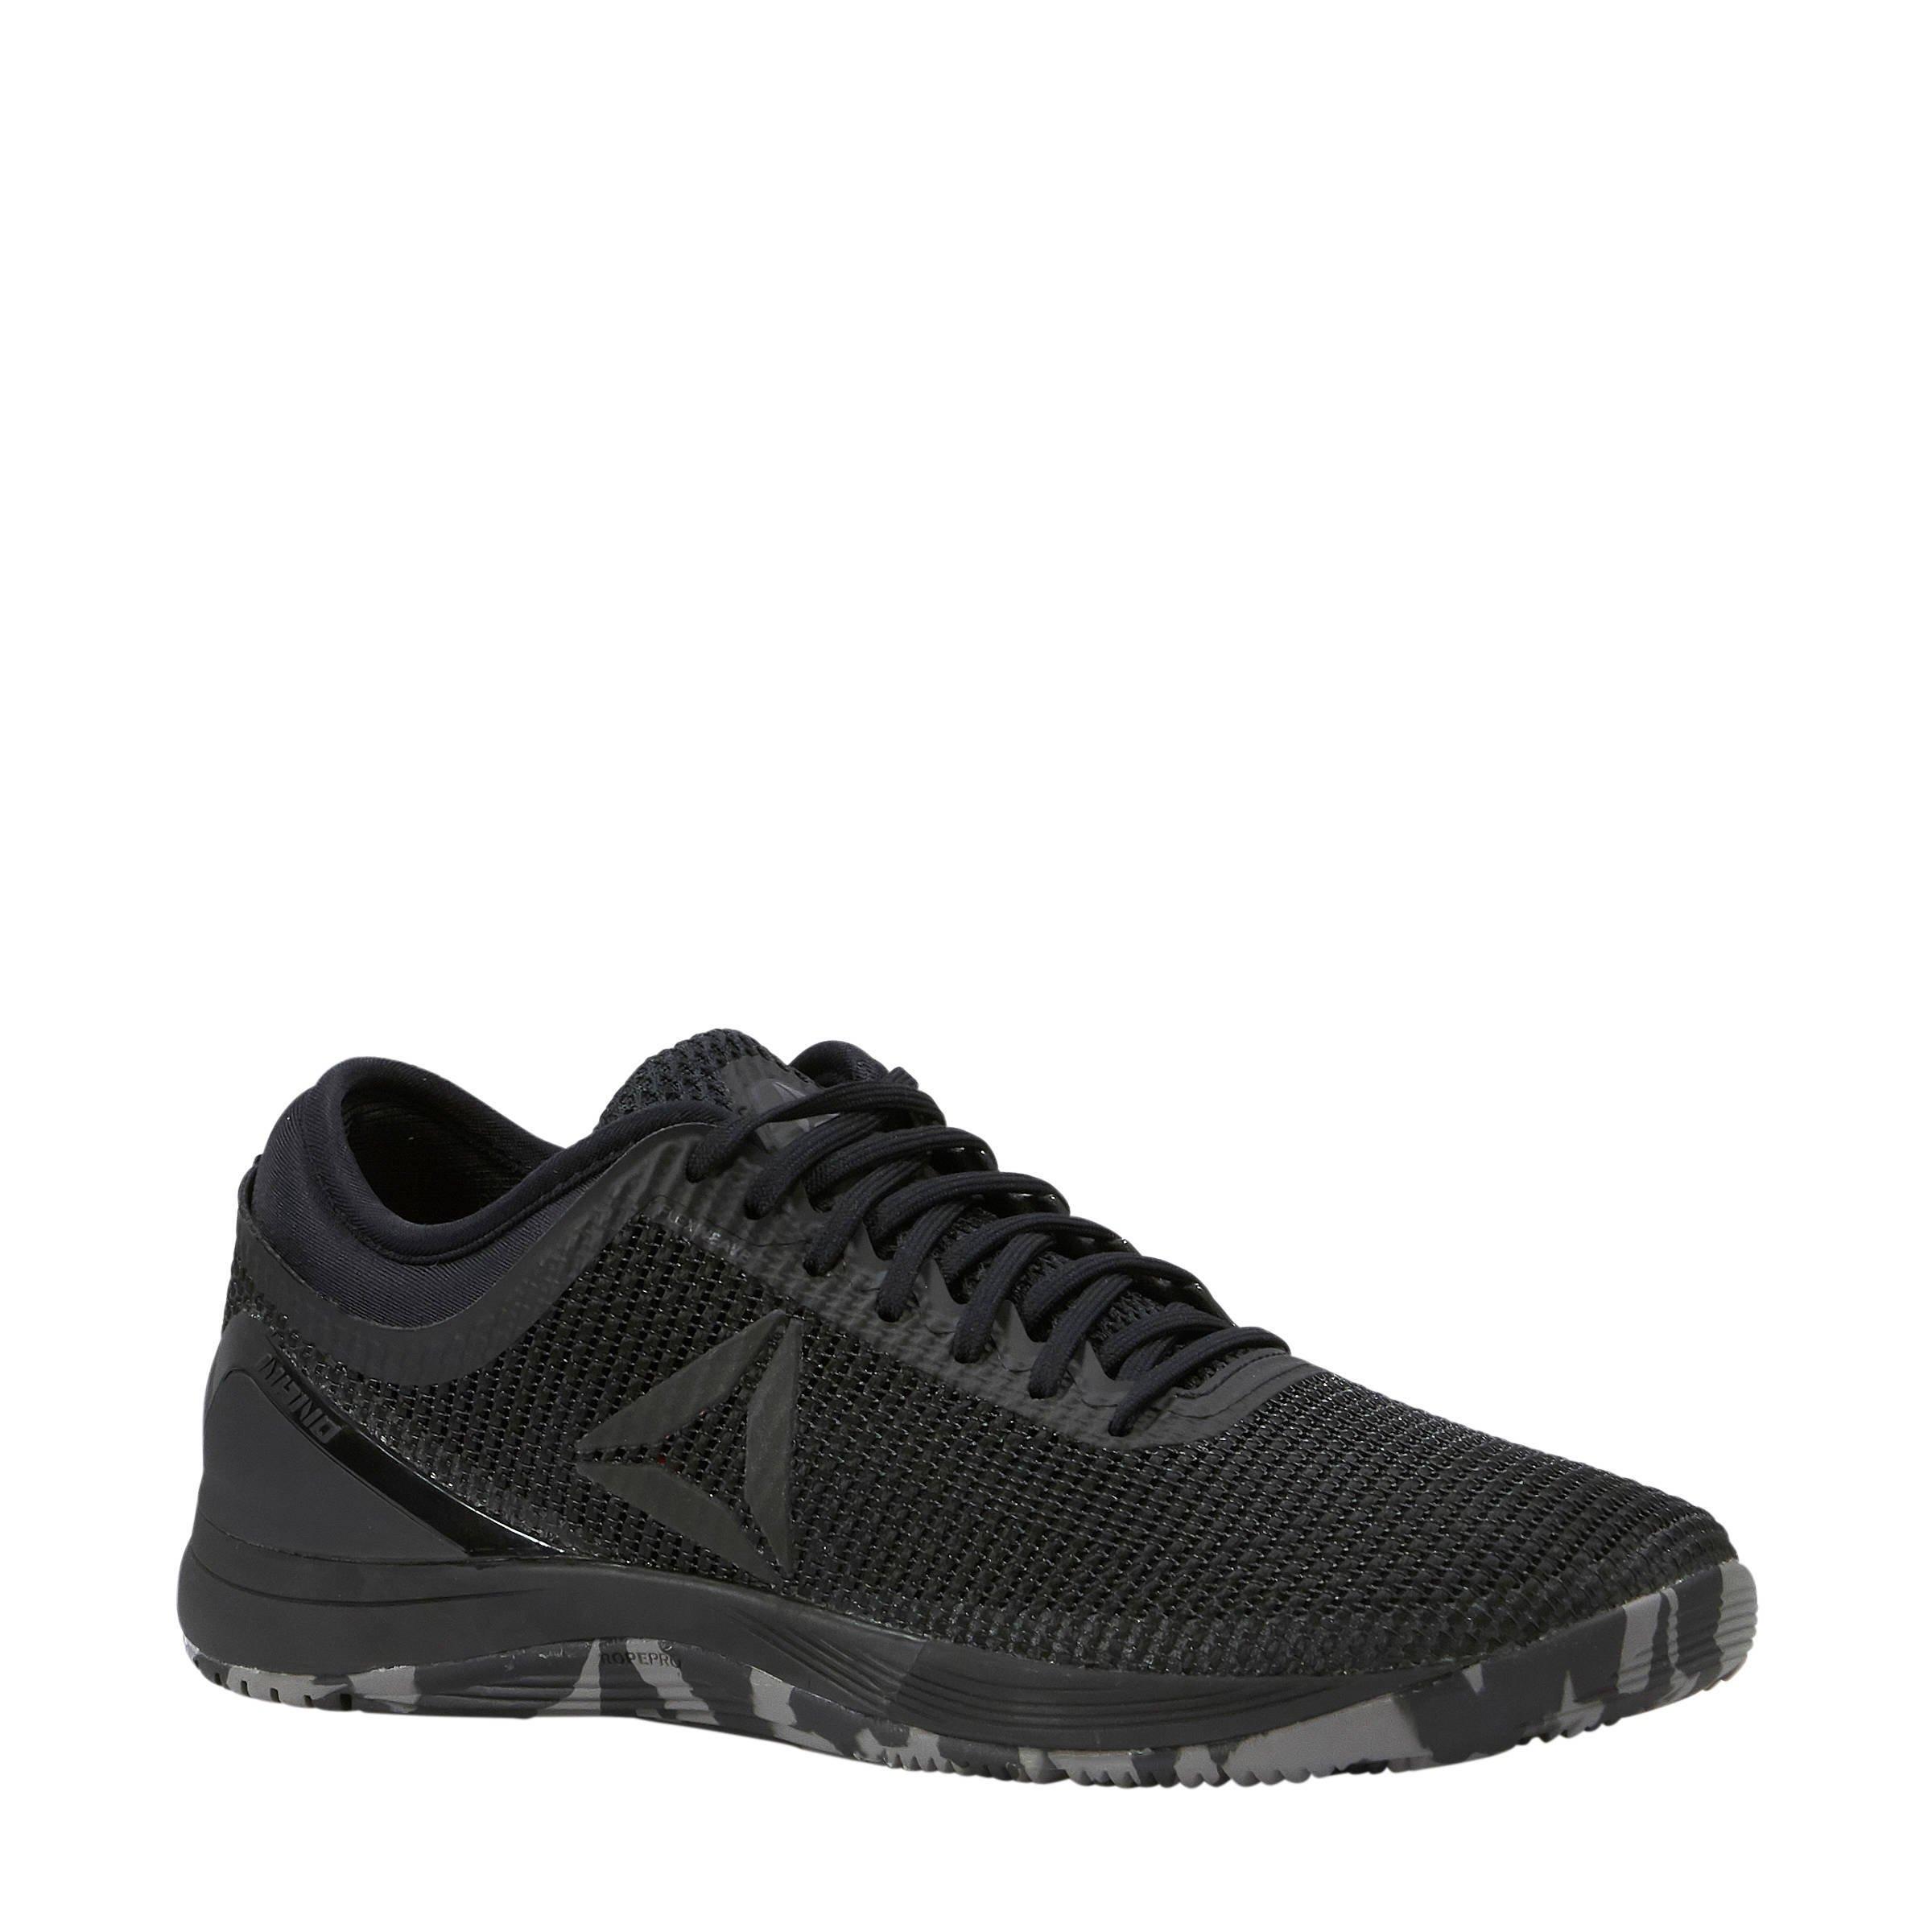 64981cea6a1 Buy crossfit schoenen | Up to 41% Discounts